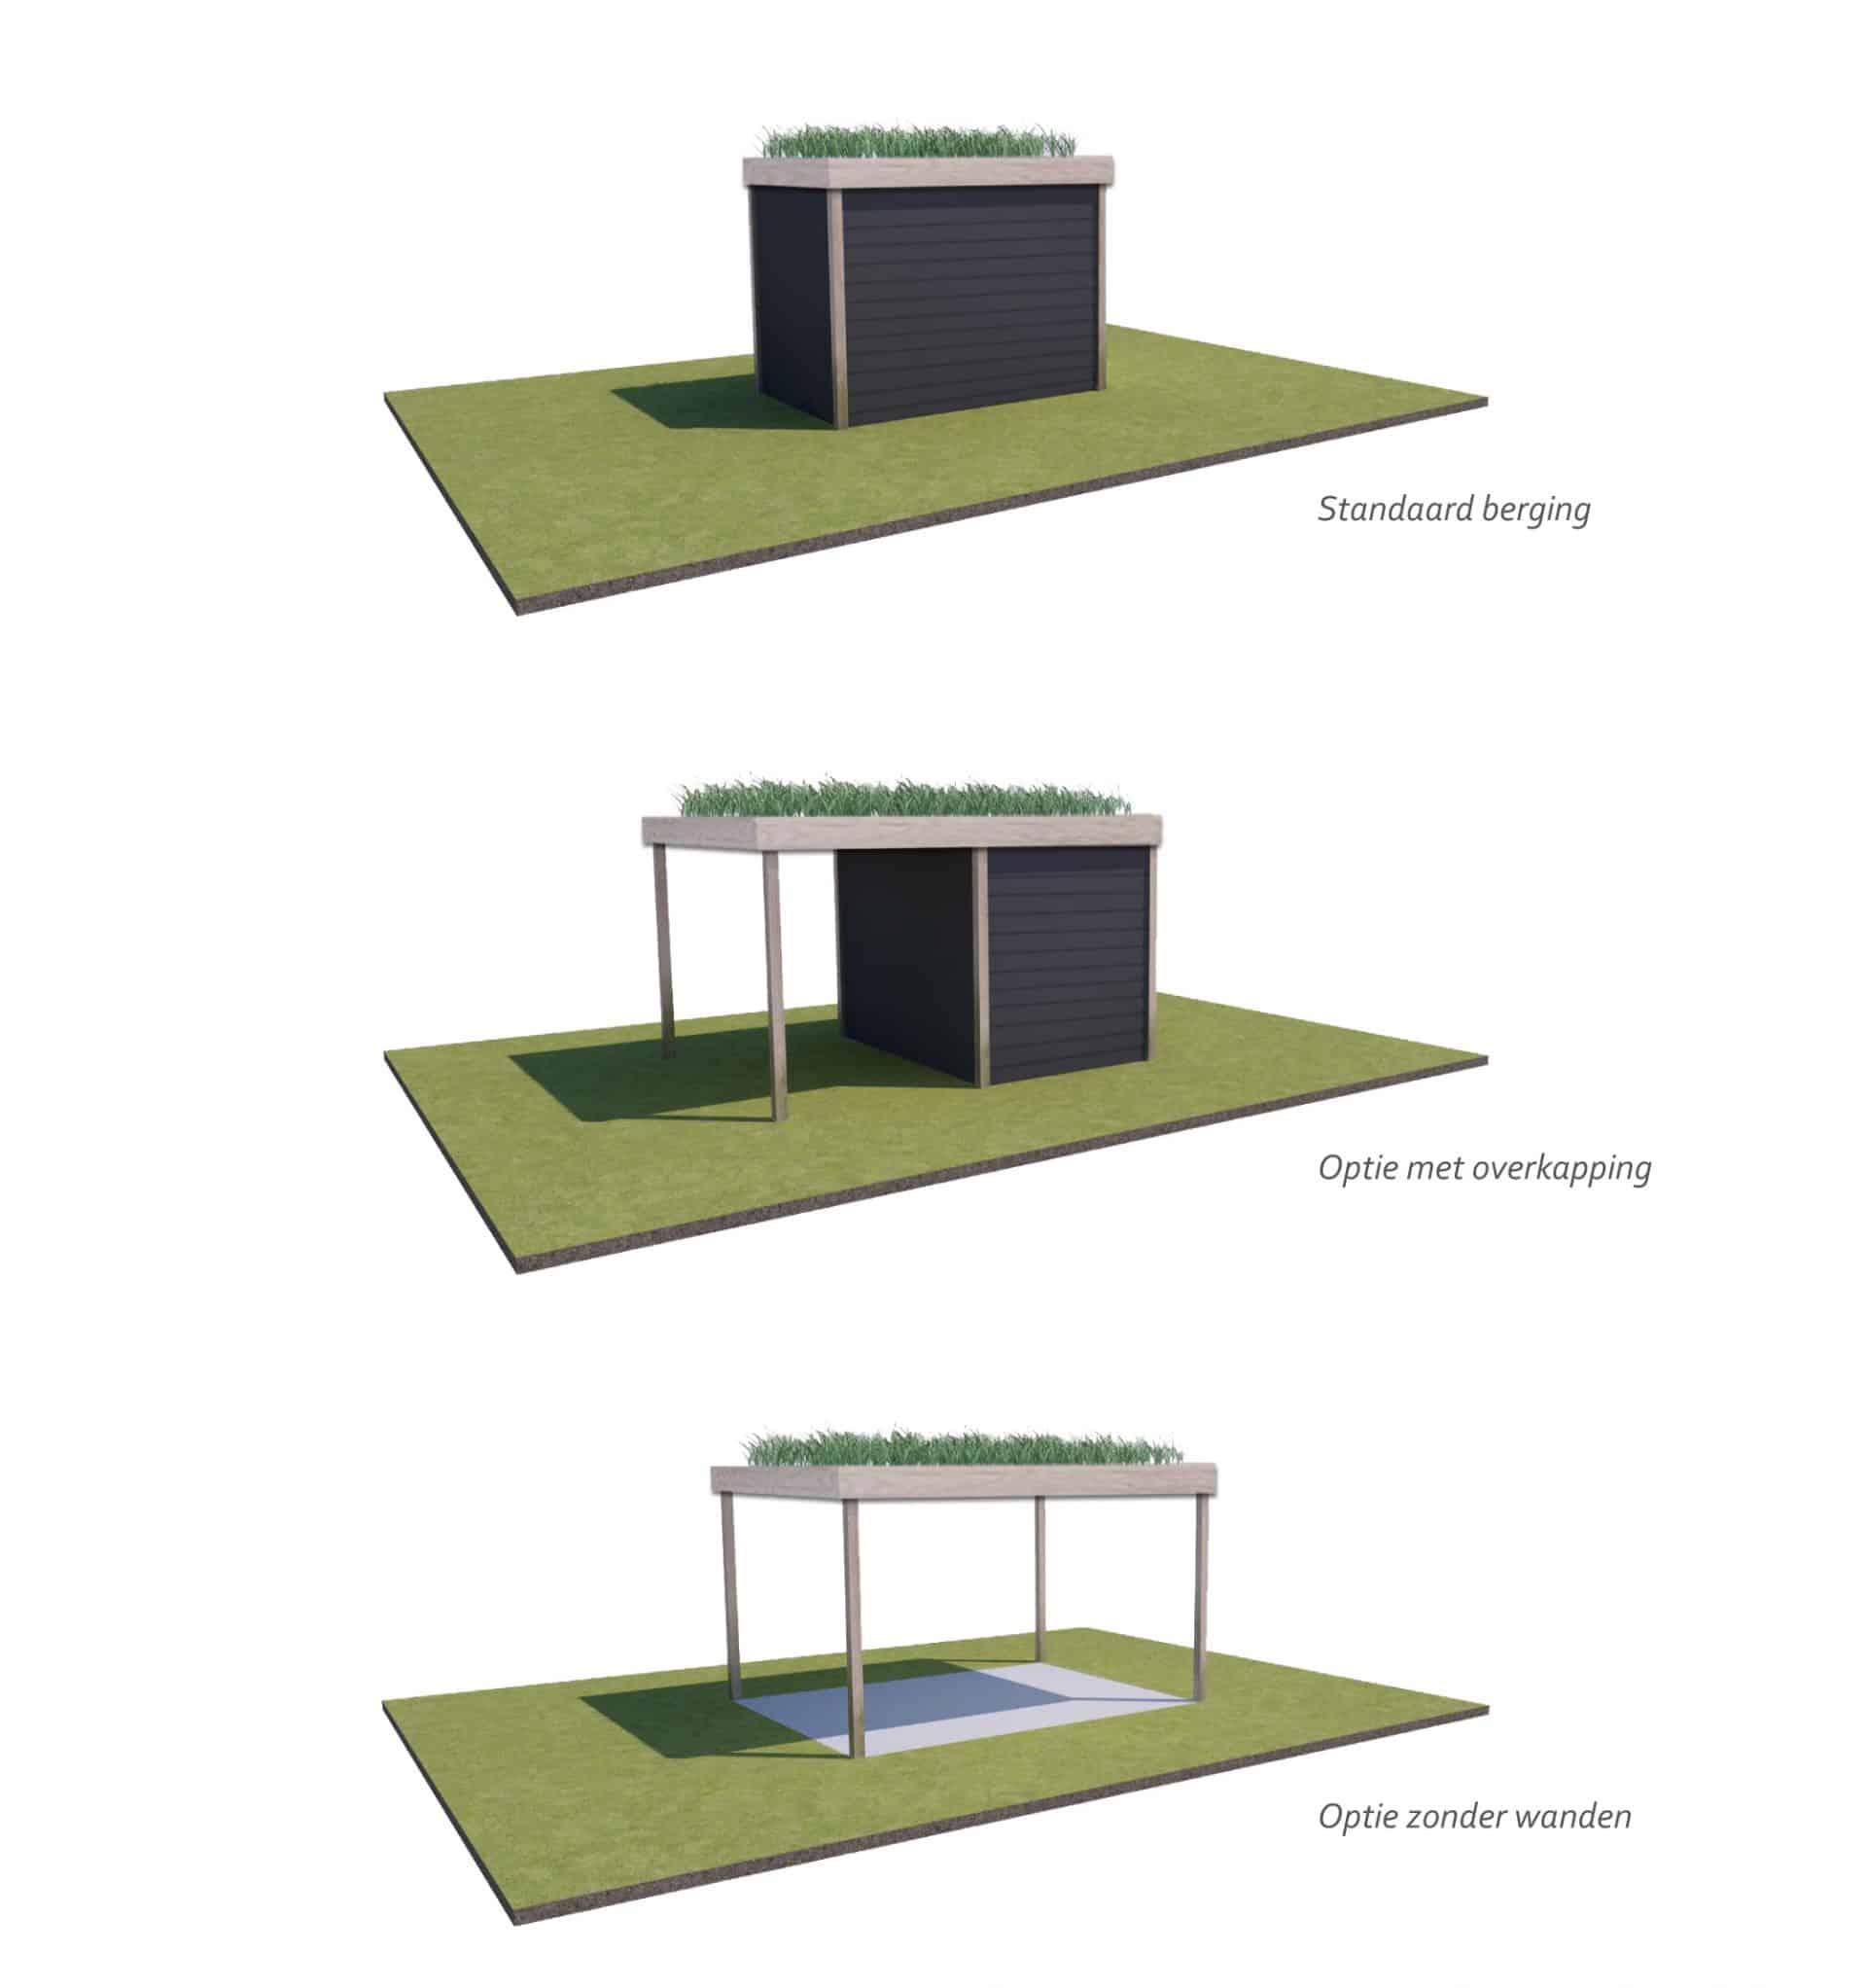 Opties bergingen groen dak Jeroen Hamers